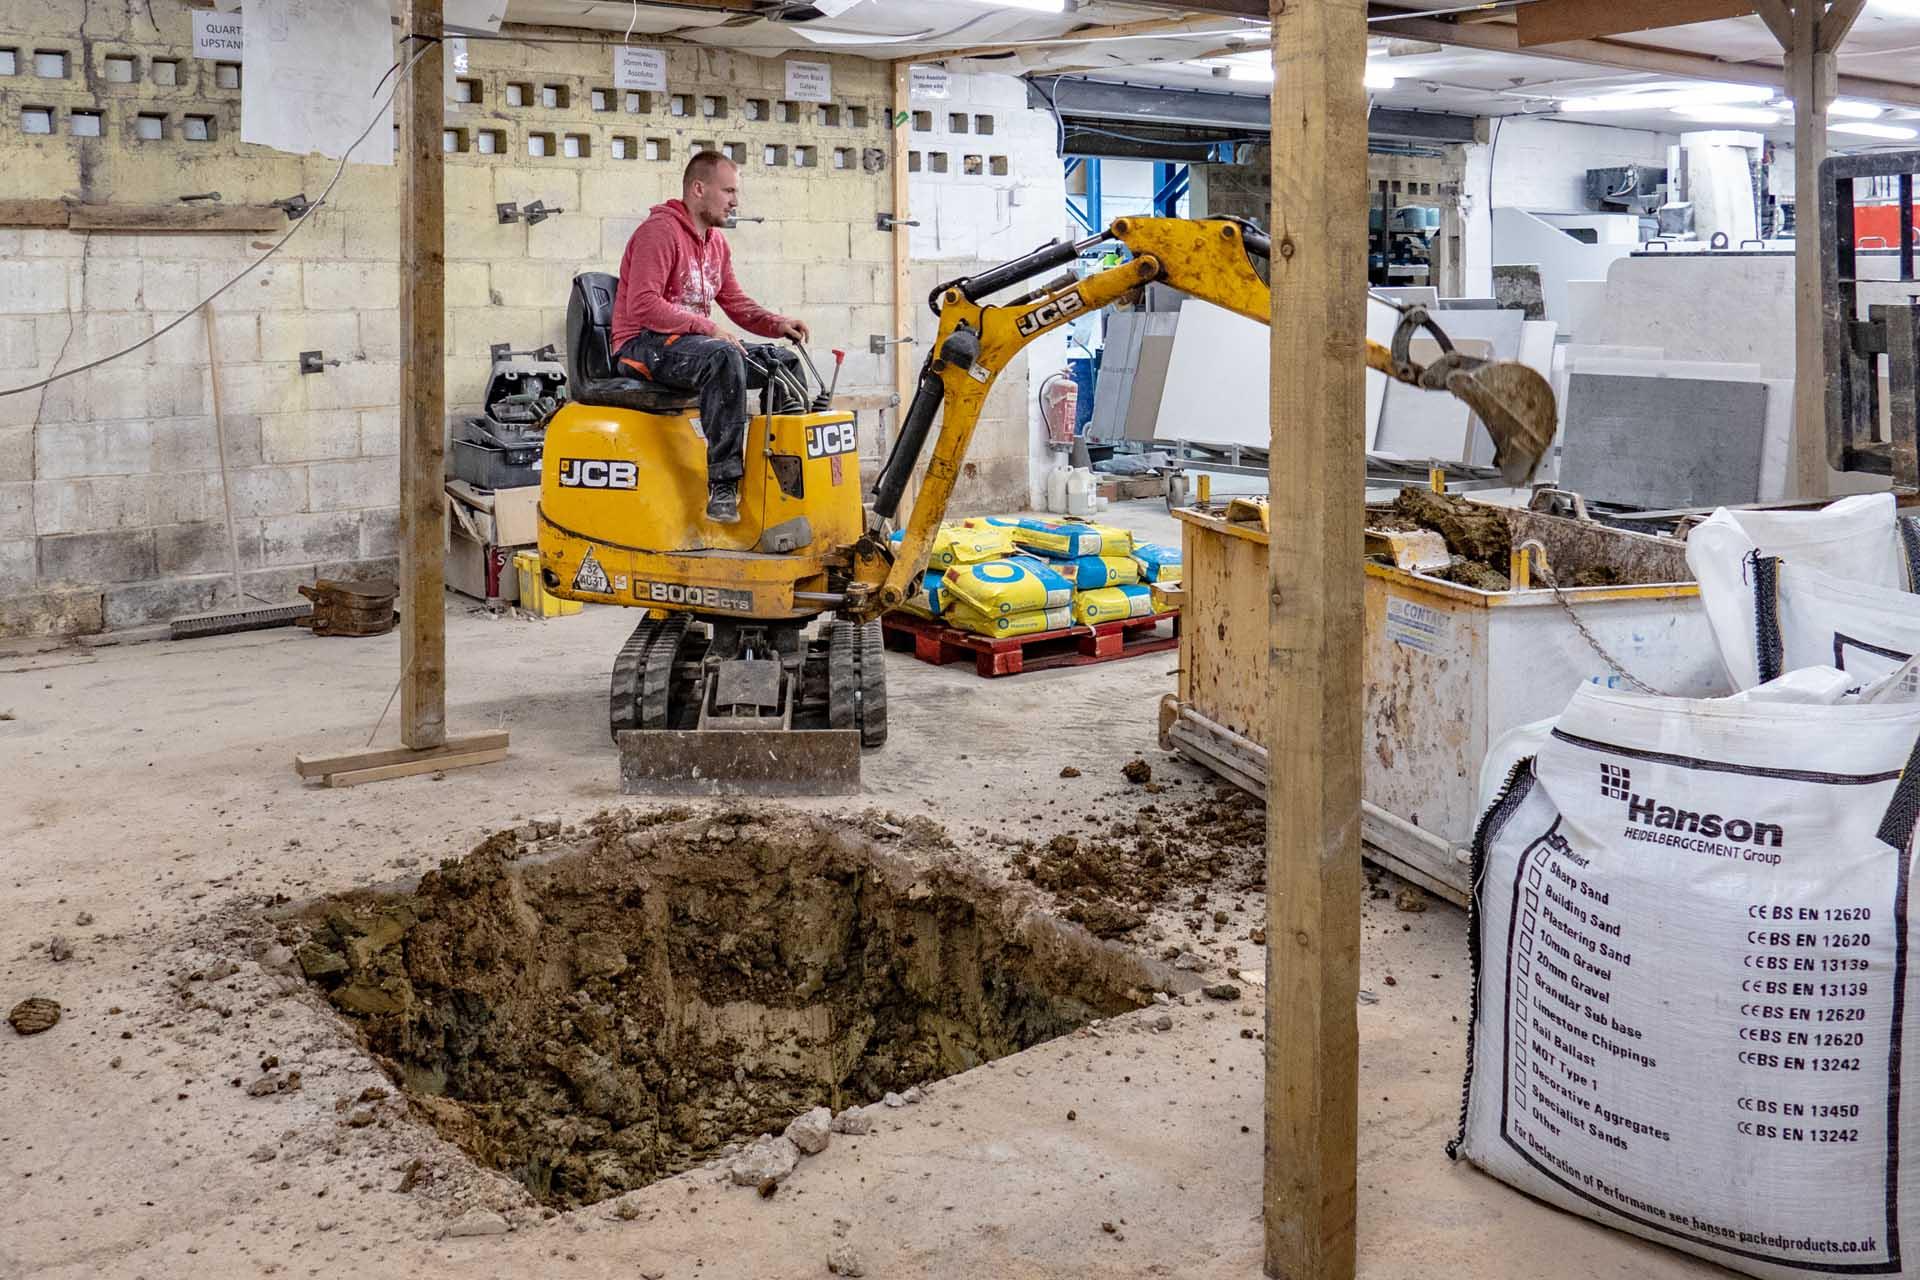 best granite worktops workshop CNC crane footing 181013 102725-a